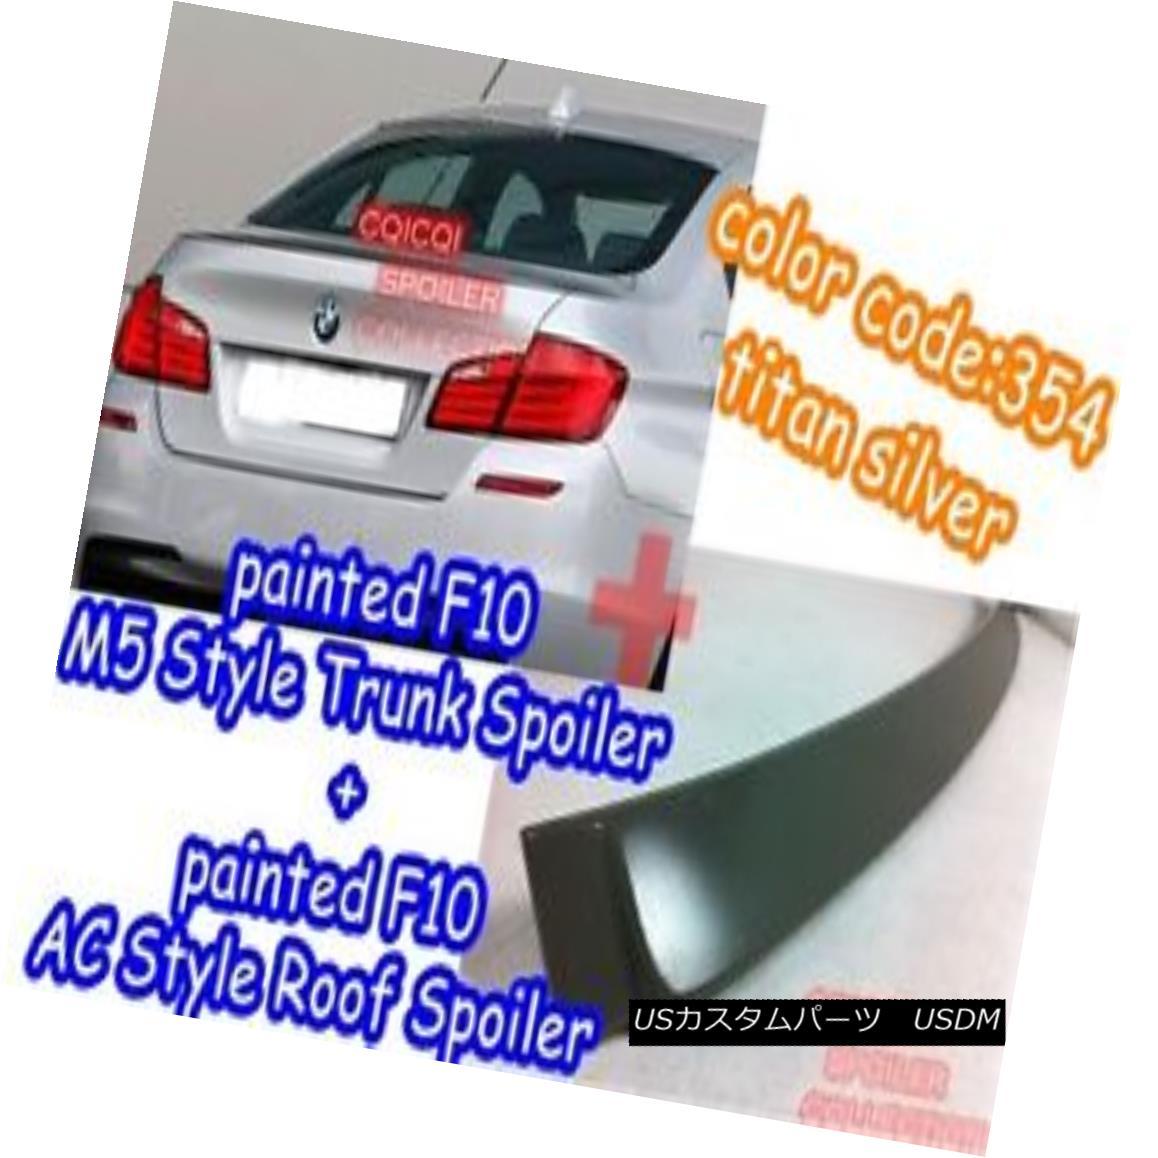 エアロパーツ Painted BMW 11~16 F10 Sedan AC type roof + M5 type trunk spoiler color:354◎ ペイントされたBMW 11?16 F10セダンACタイプの屋根+ M5タイプのトランクスポイラーの色:354?